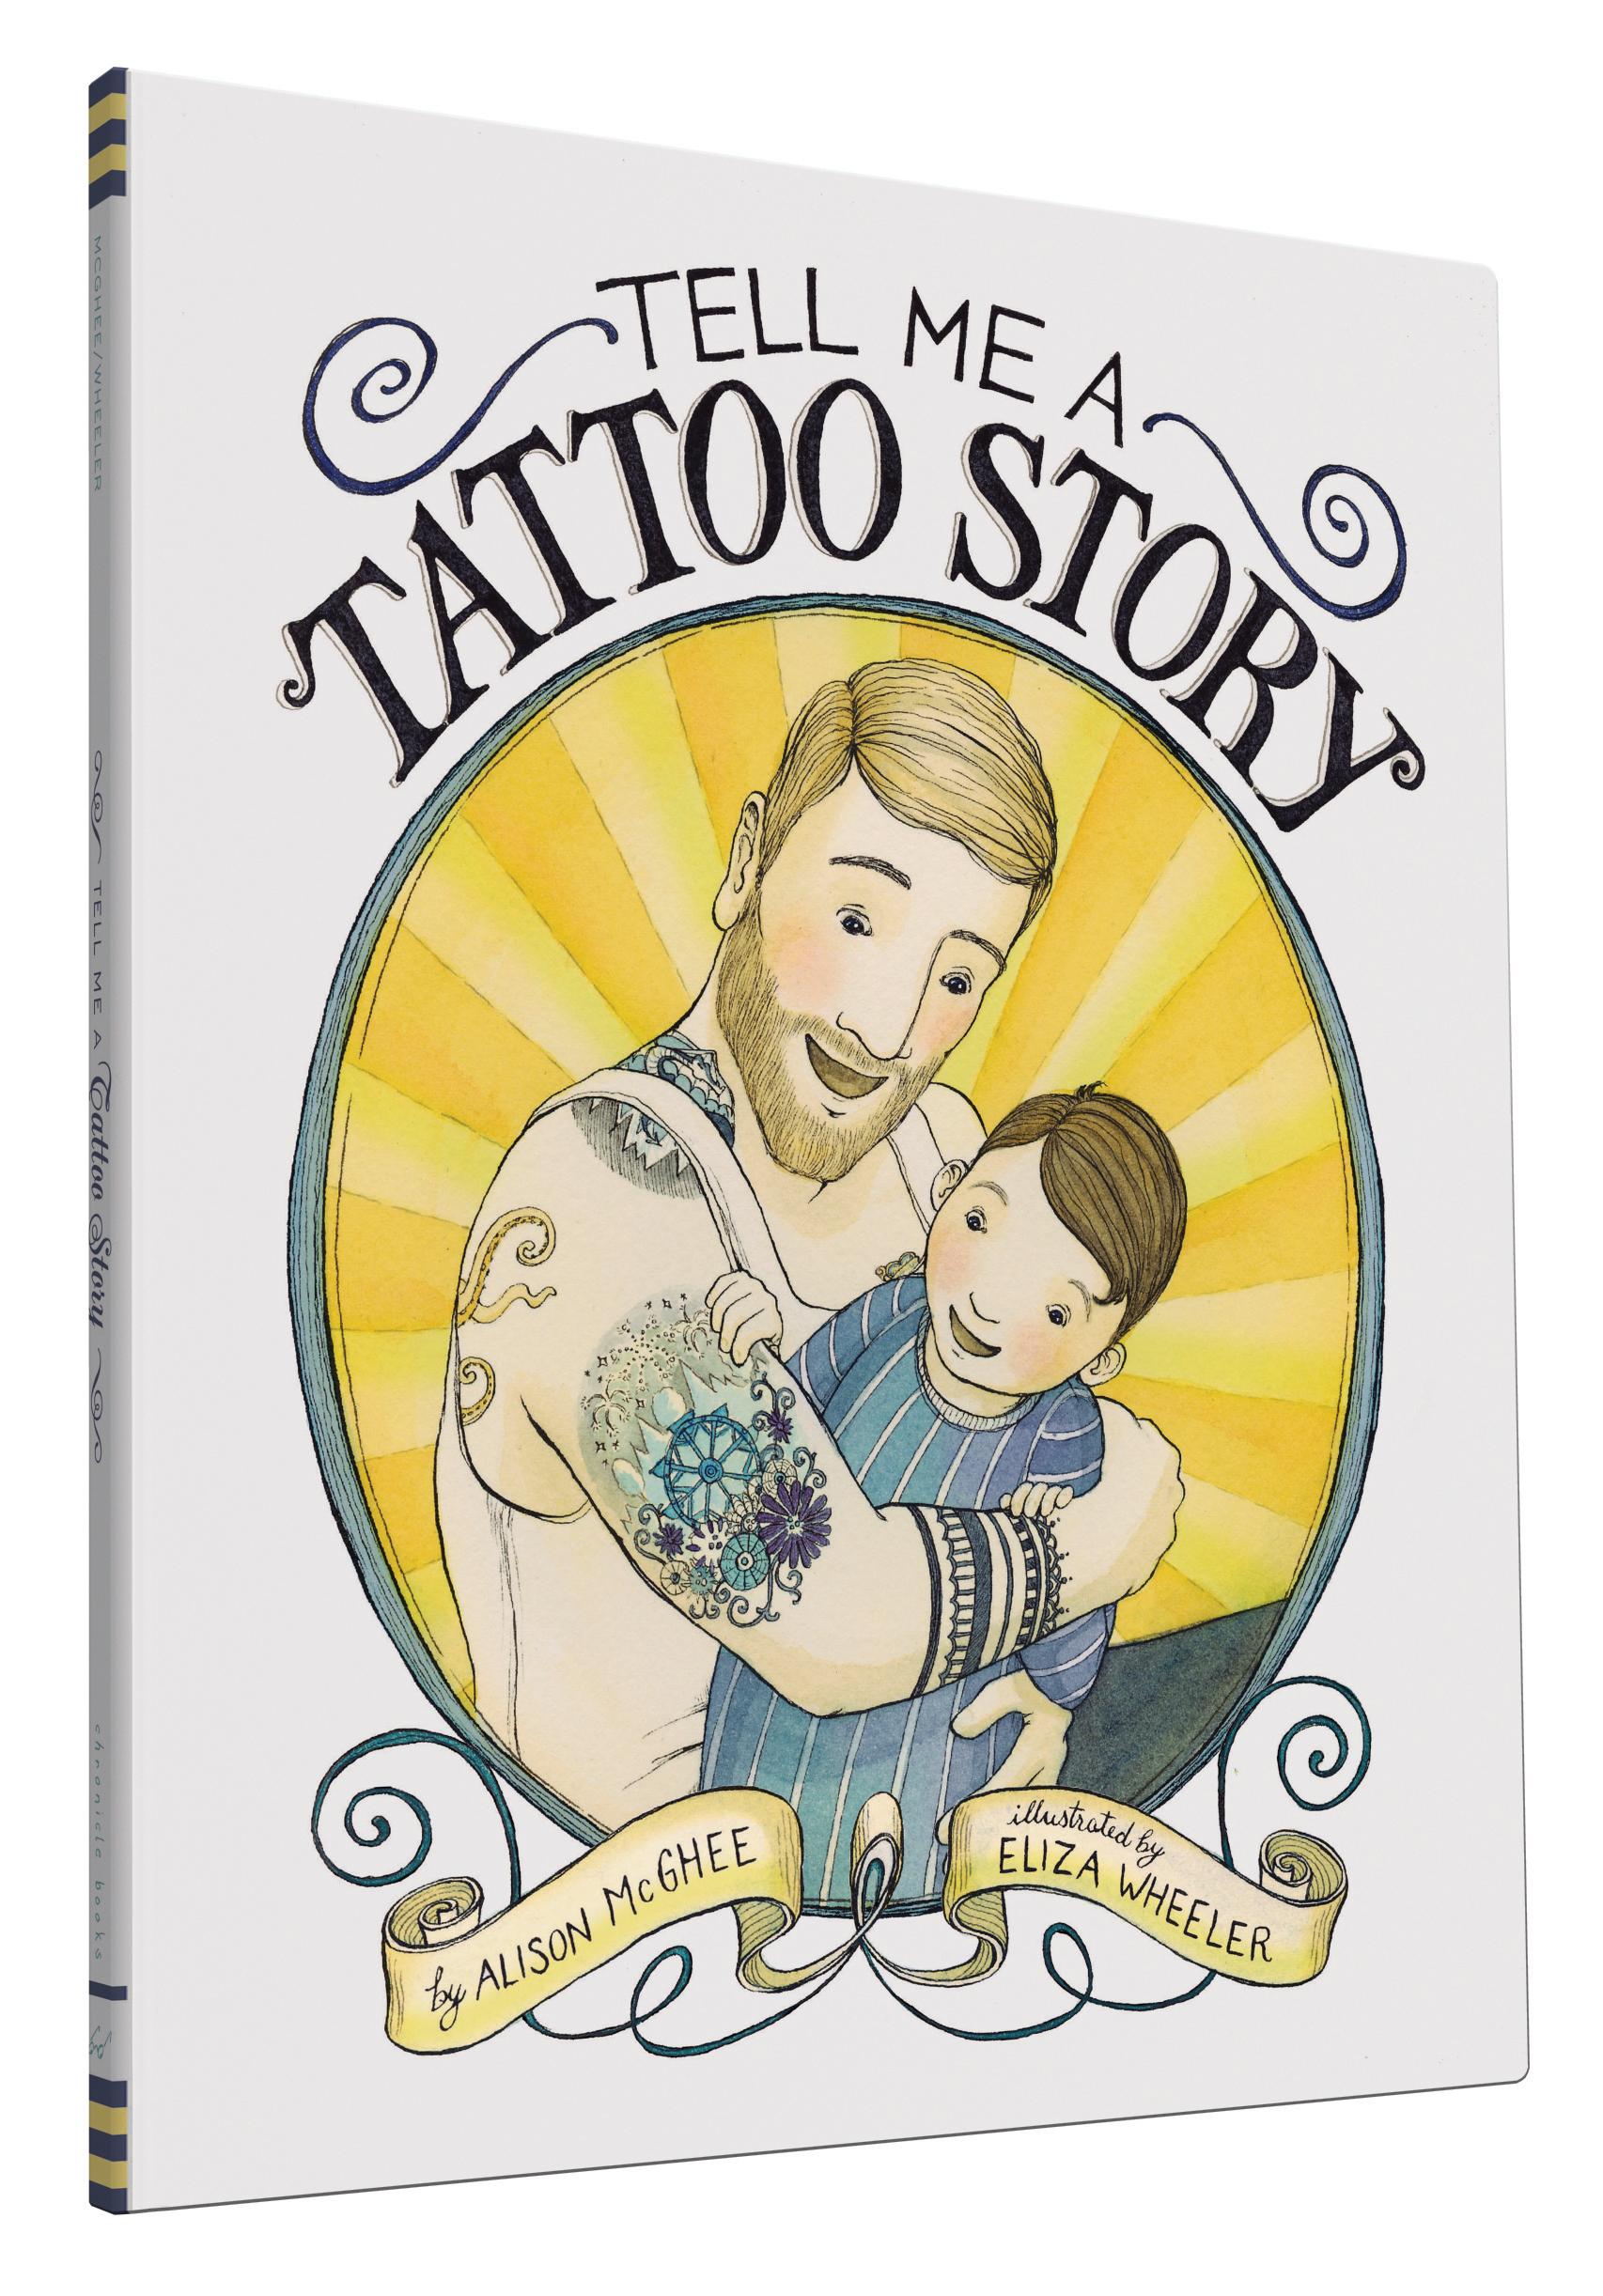 A Tale of Tattoos